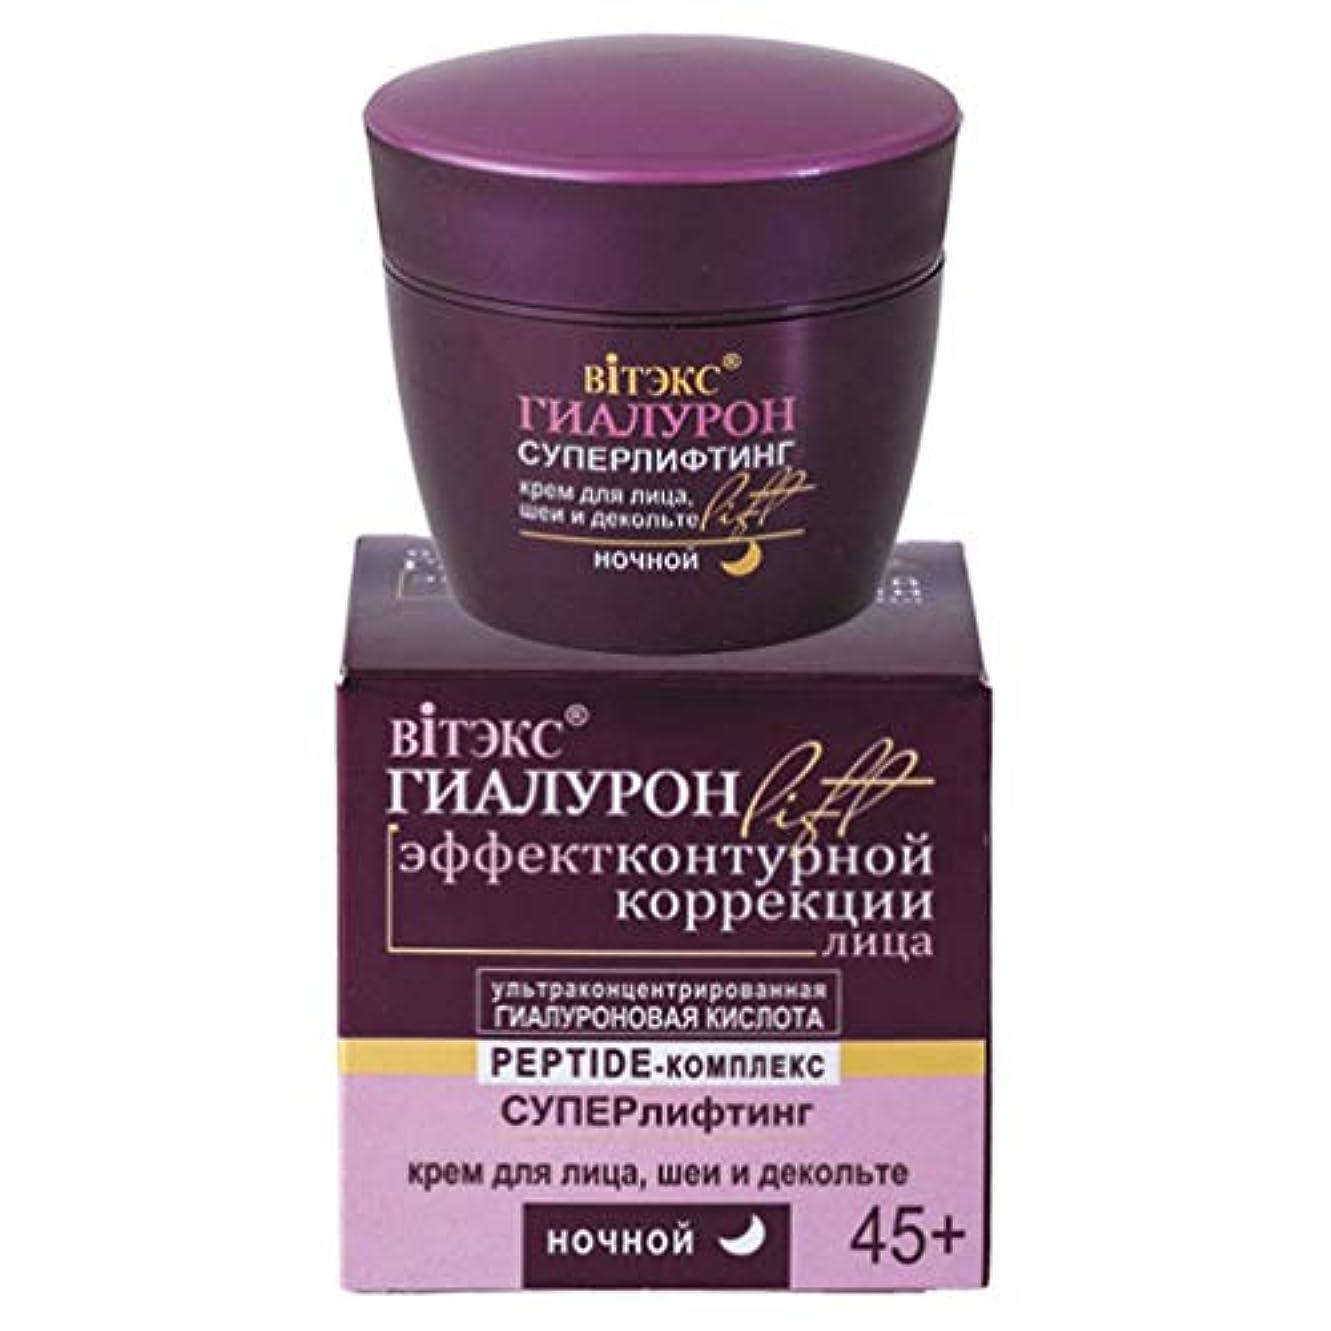 拡散するそこから重大Bielita & Vitex   Hyaluron LIFT   Superlifting NIGHT Cream For Face, Neck and Decollete   Ultra Concentrated Hyaluronic Acid   Peptide complex   45+   45 ml